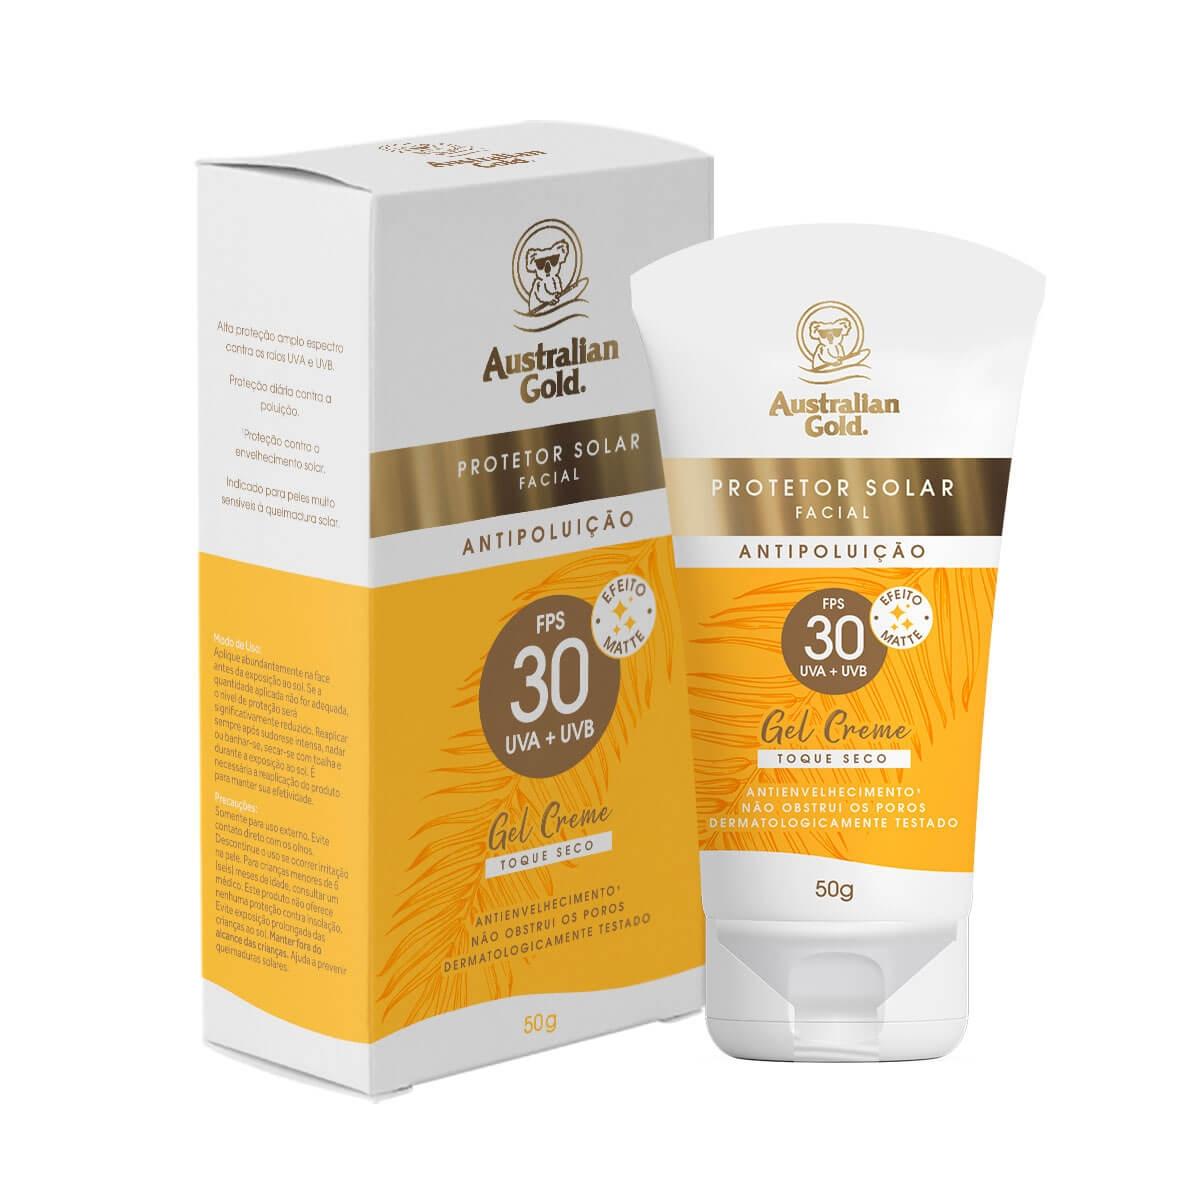 Protetor Solar Facial Australian Gold FPS30 50g